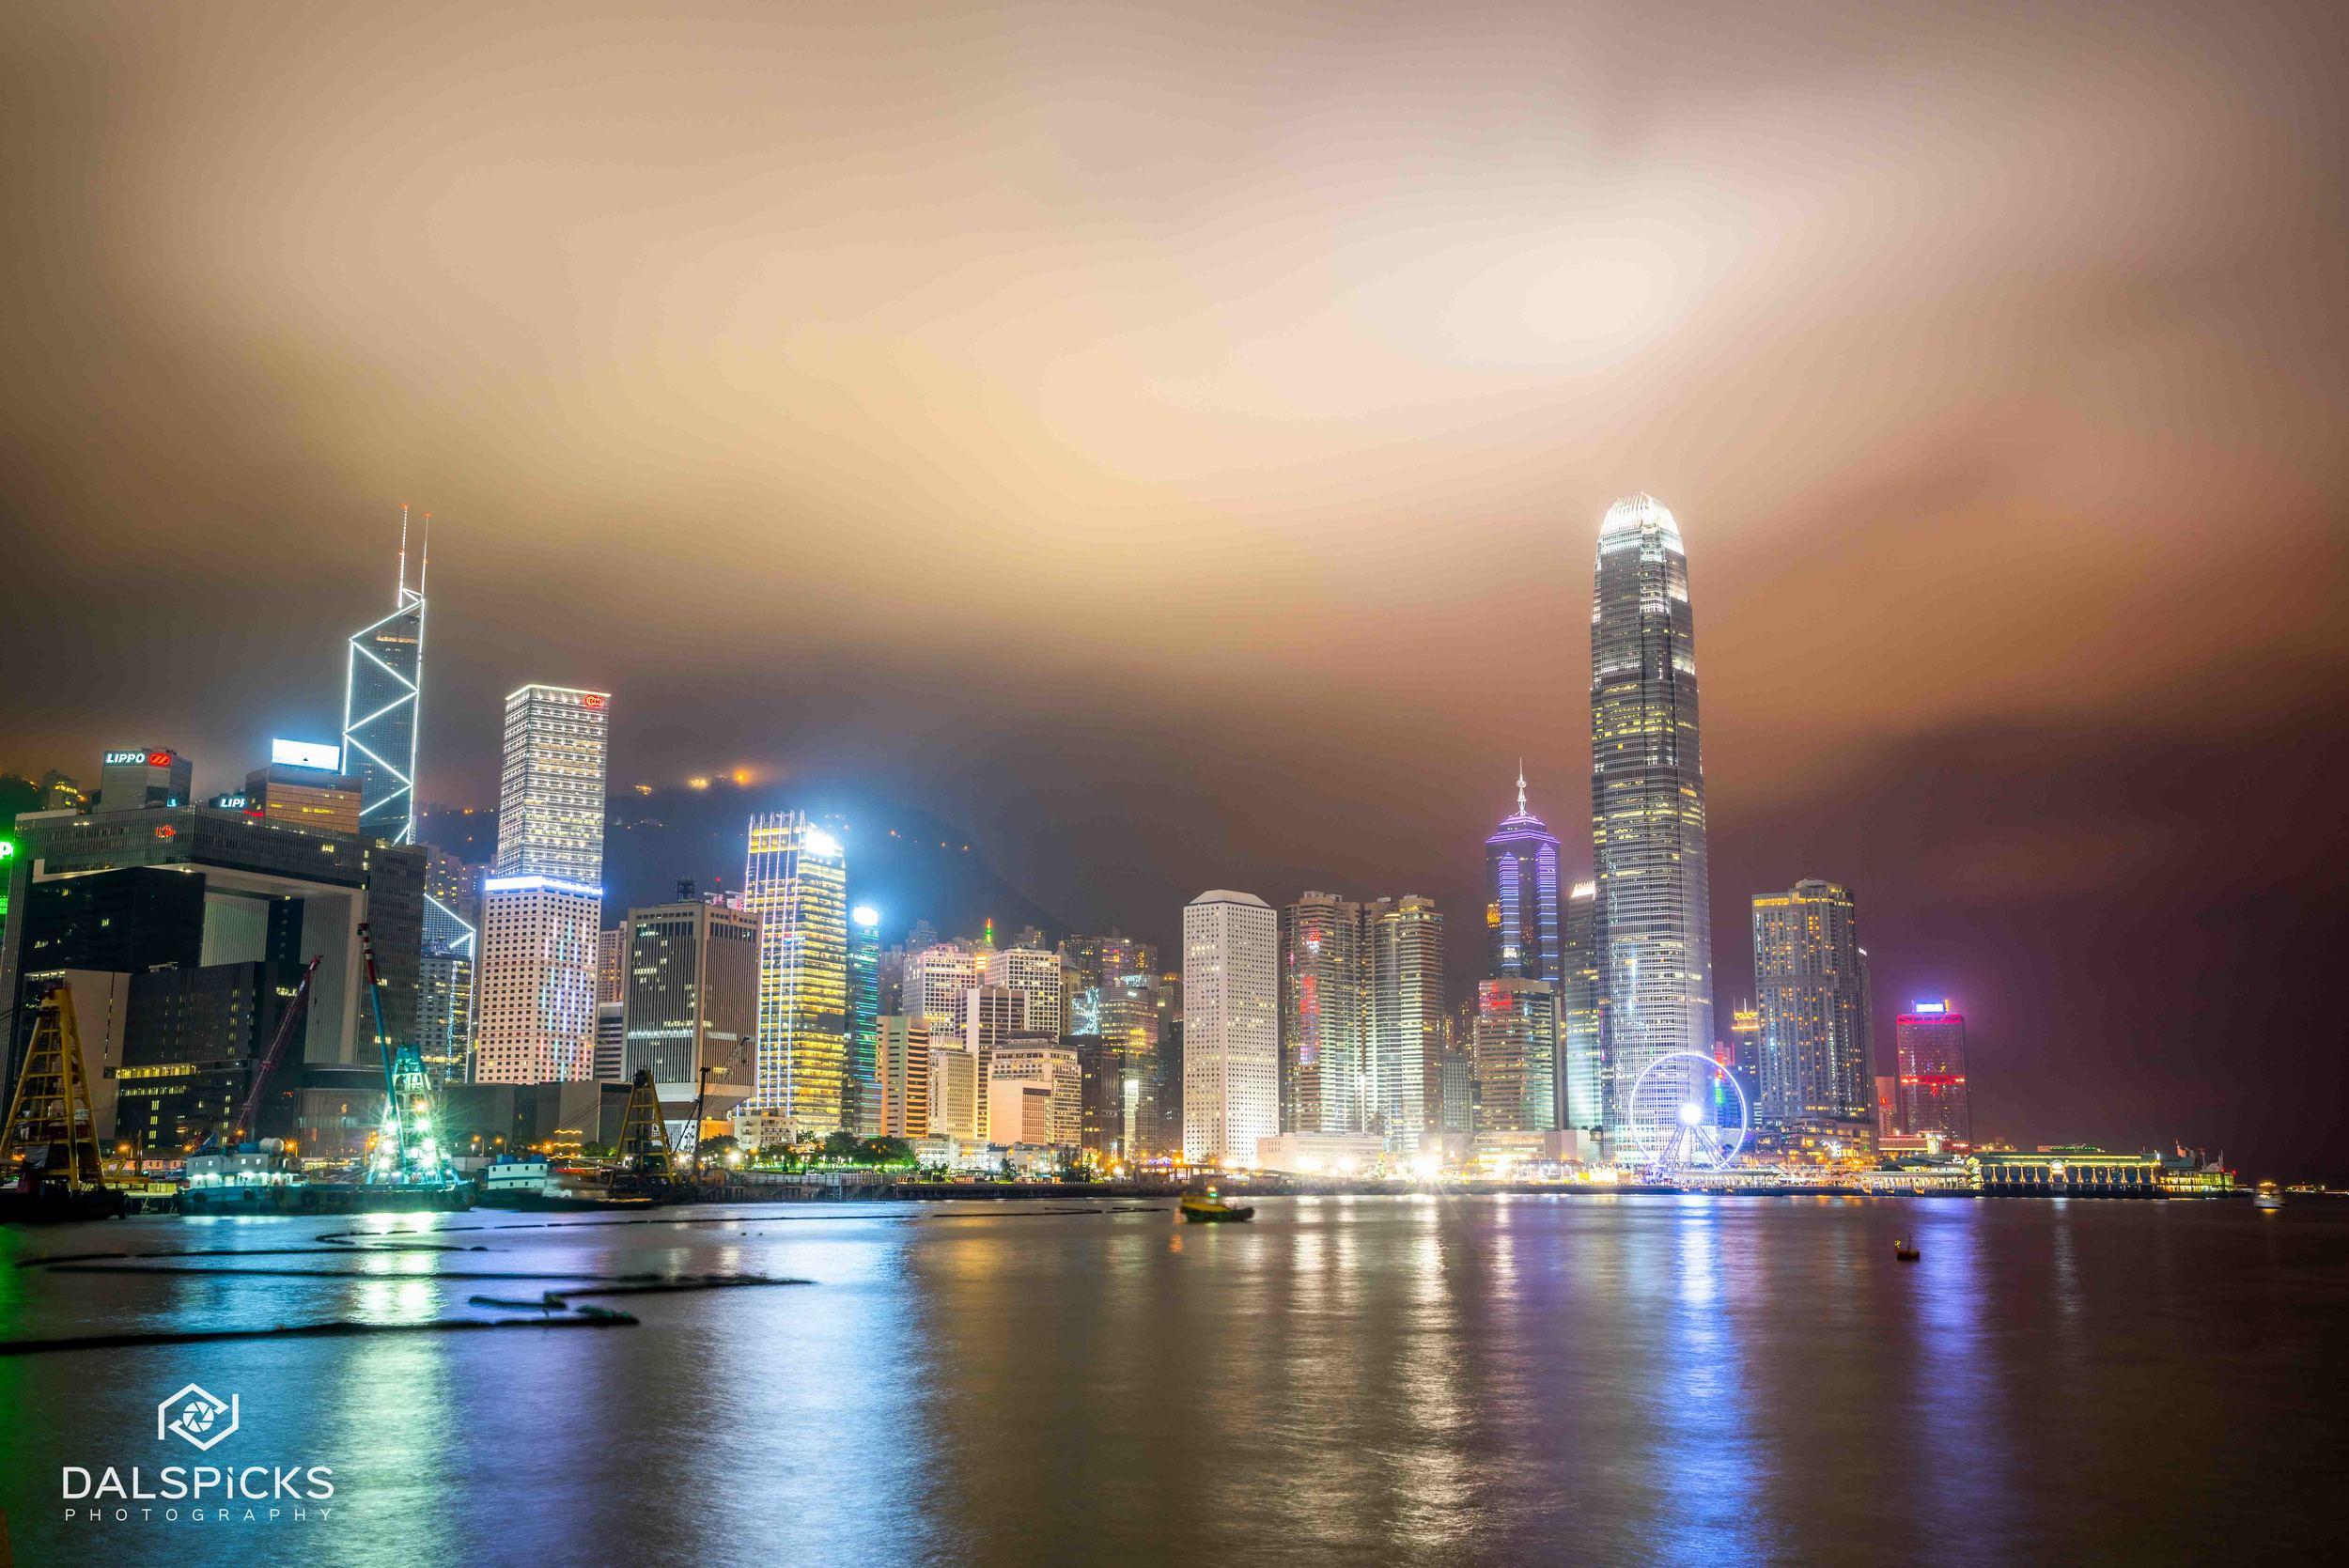 15.07.23.dalspicks.hk-5.jpg